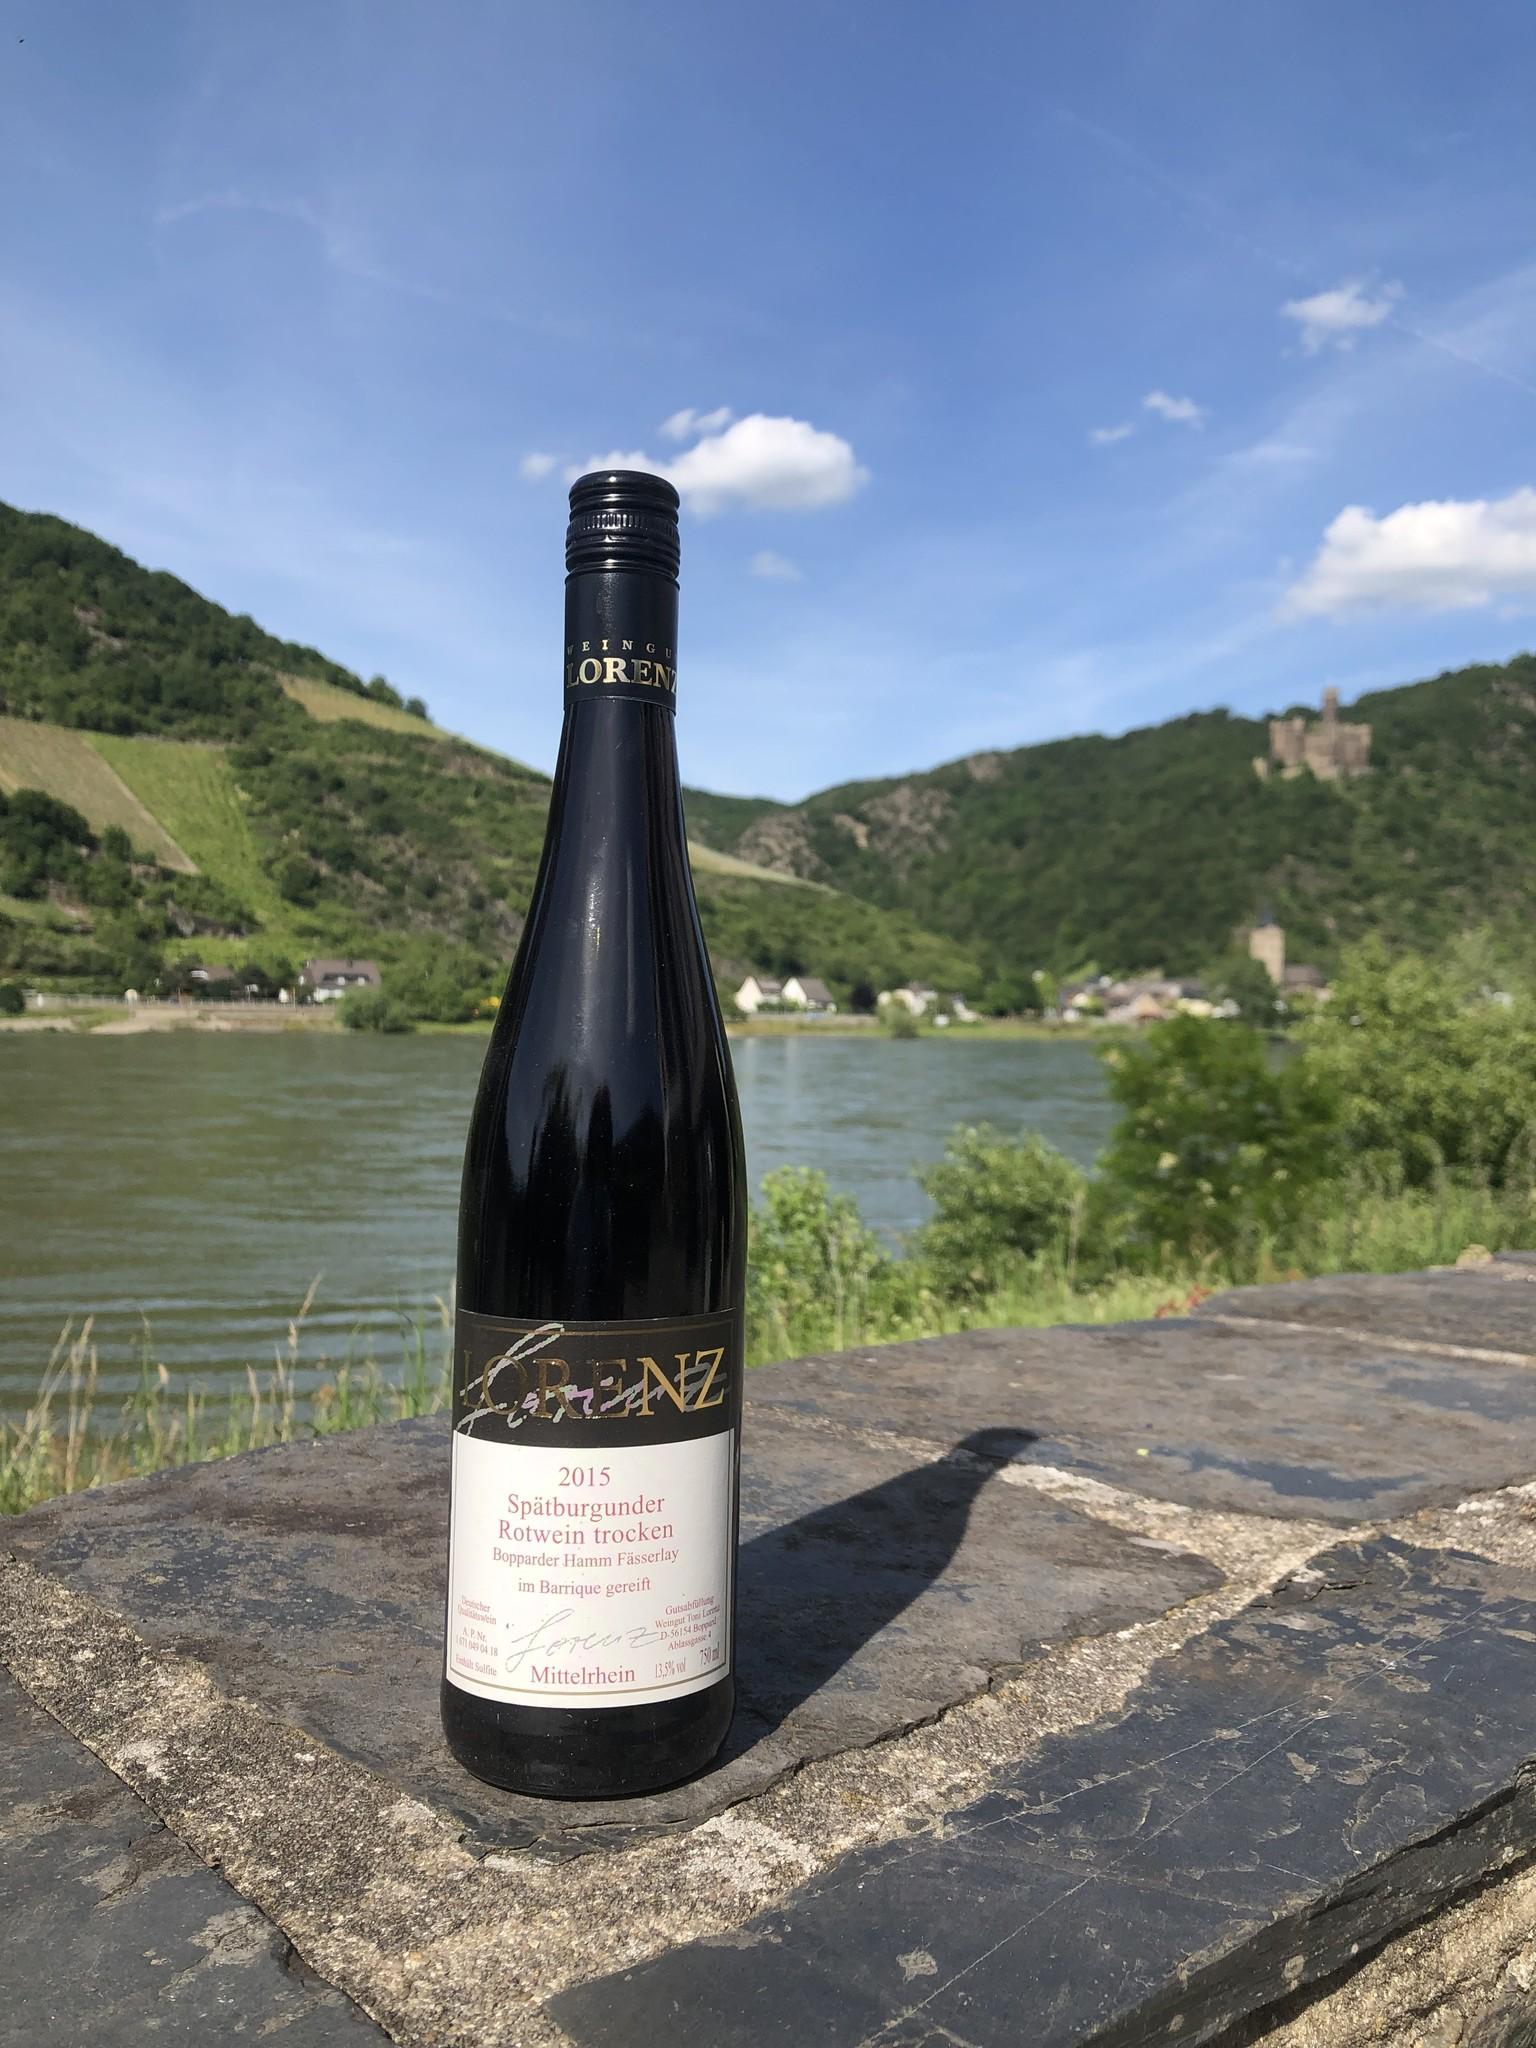 Weingut Toni Lorenz 2015 Spätburgunder Rotwein trocken -Barrique- Bopparder Hamm Fässerlay